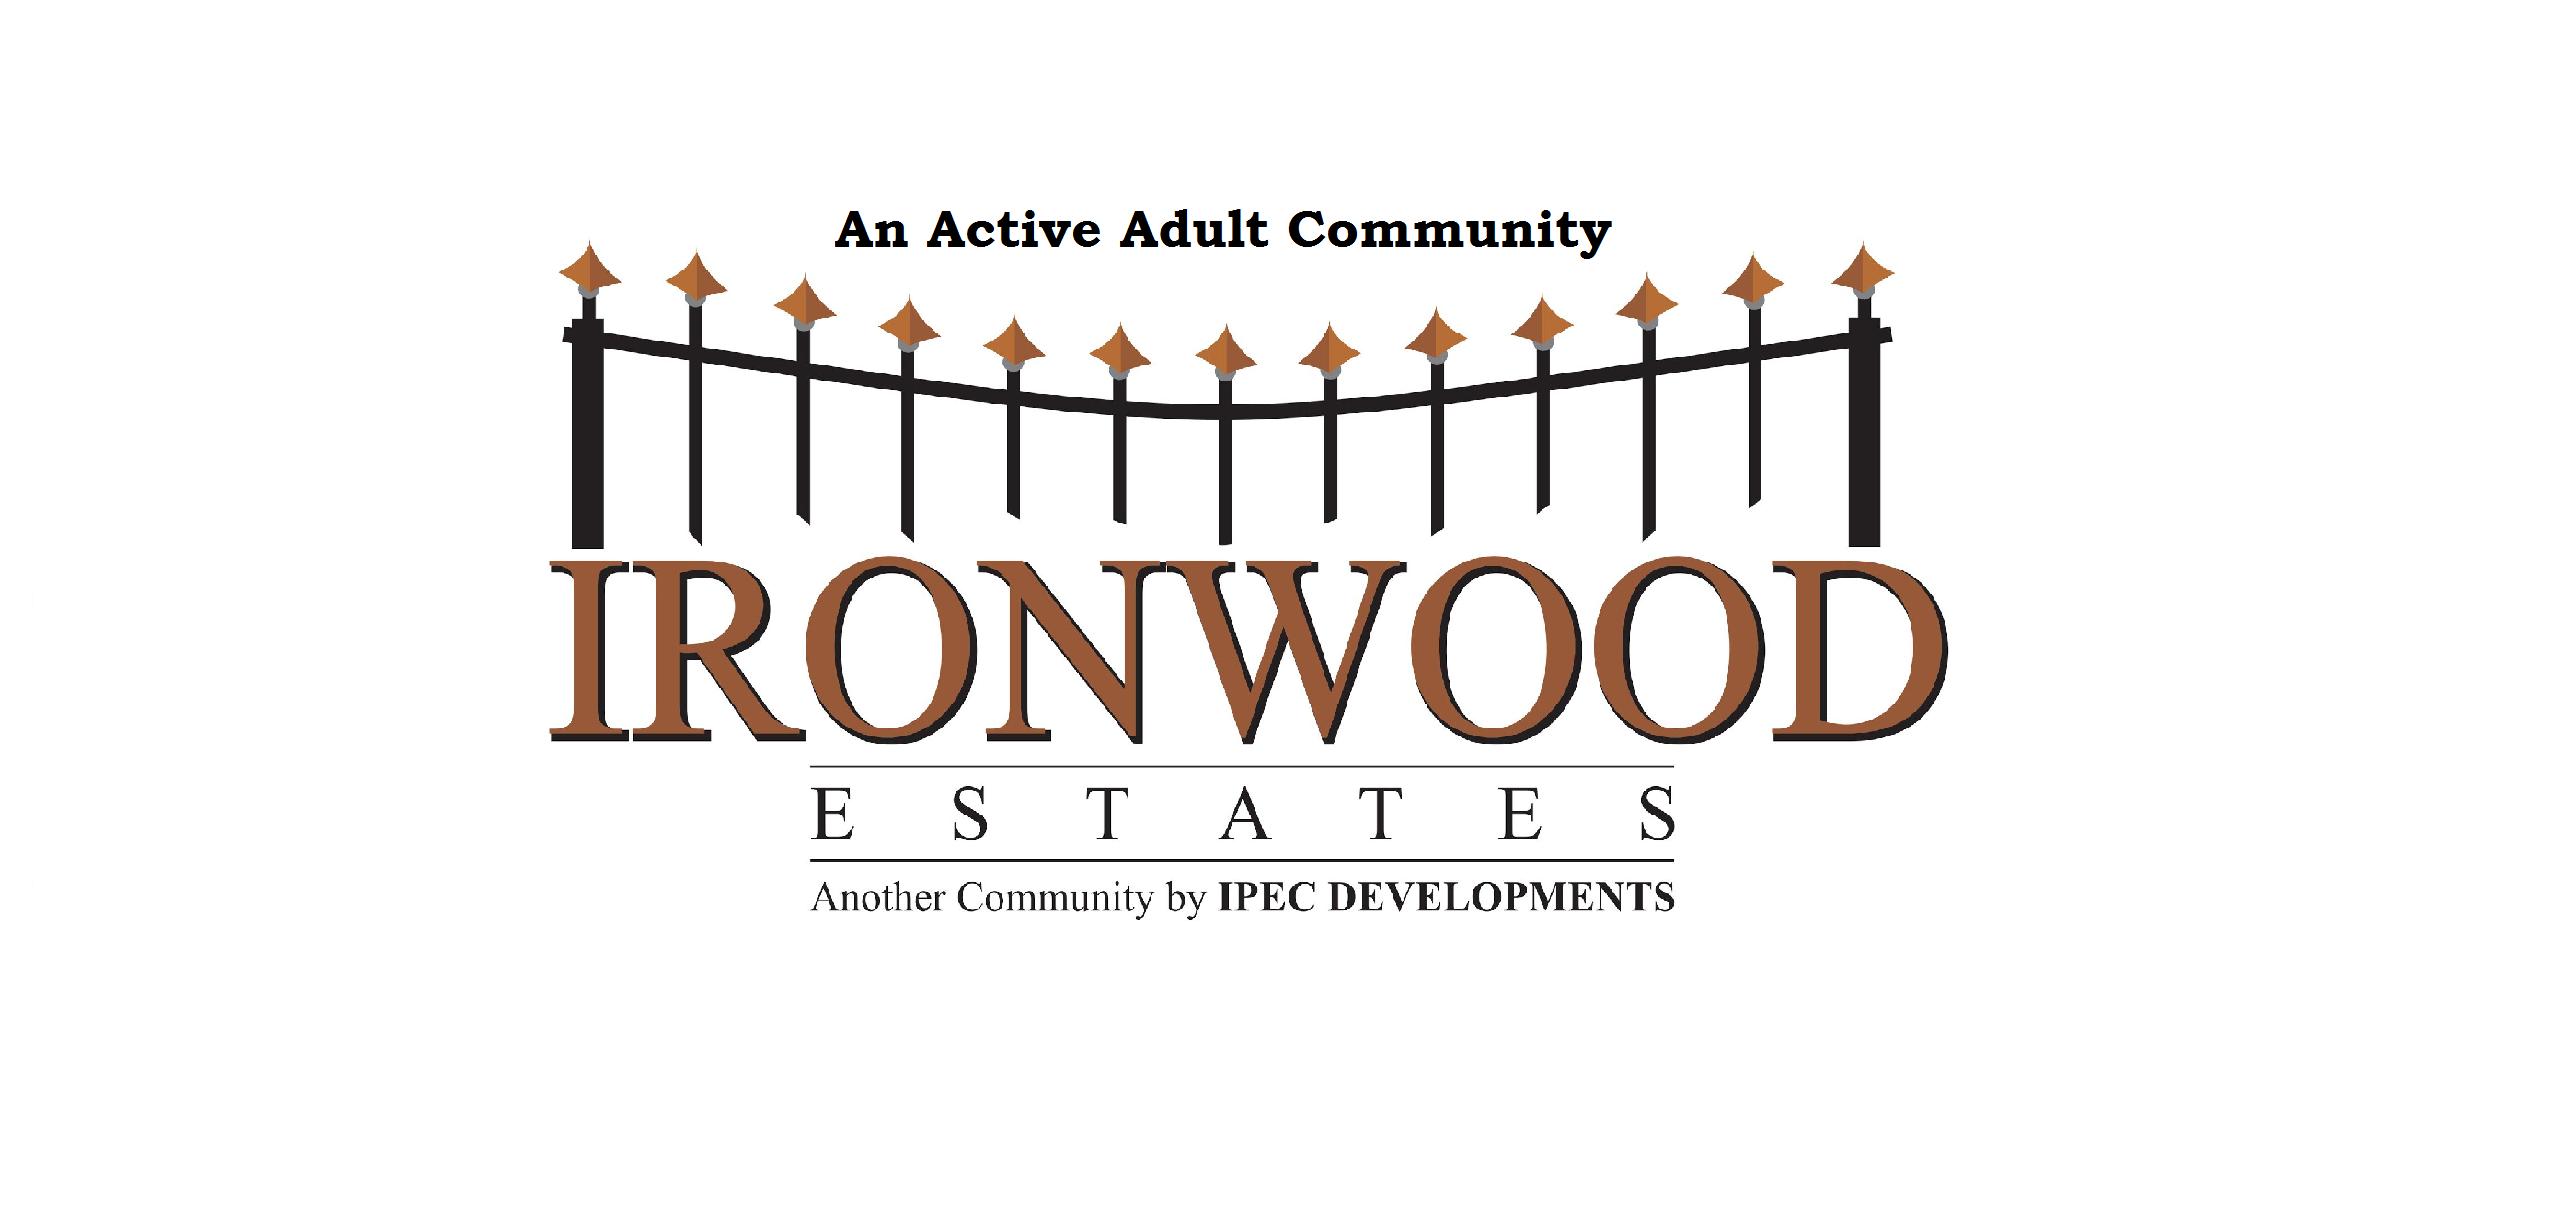 Ironwood estates